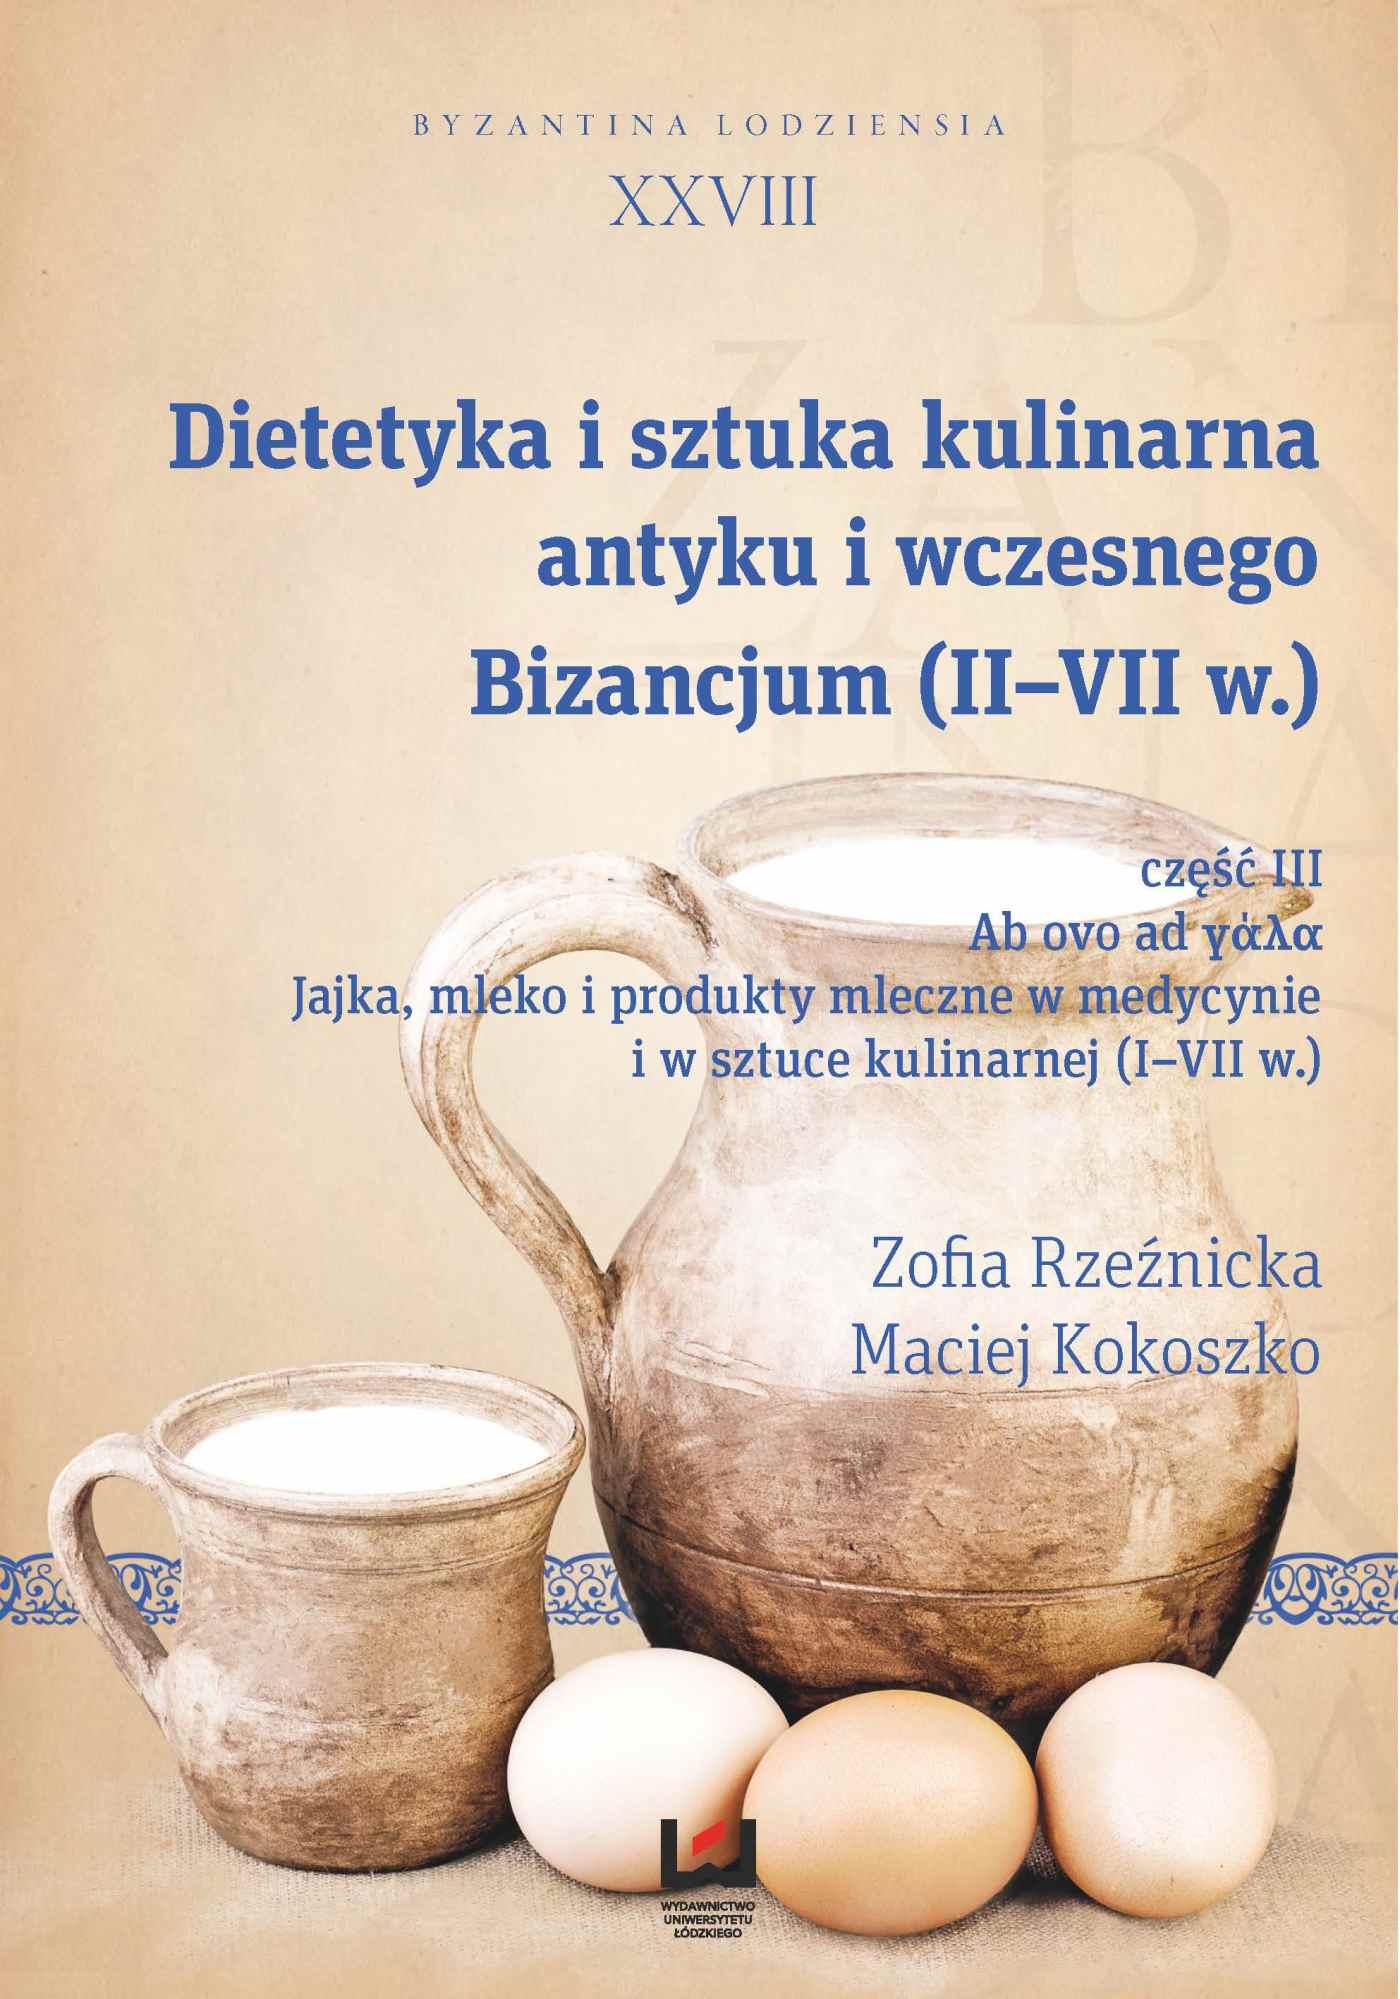 Dietetyka i sztuka kulinarna antyku i wczesnego Bizancjum (II-VII w.), cz. III. Ab ovo ad γάλα. Jajka, mleko i produkty mleczne w medycynie i w sztuce kulinarnej (I-VII w.). Byzantina Lodziensia XXVIII - Ebook (Książka PDF) do pobrania w formacie PDF